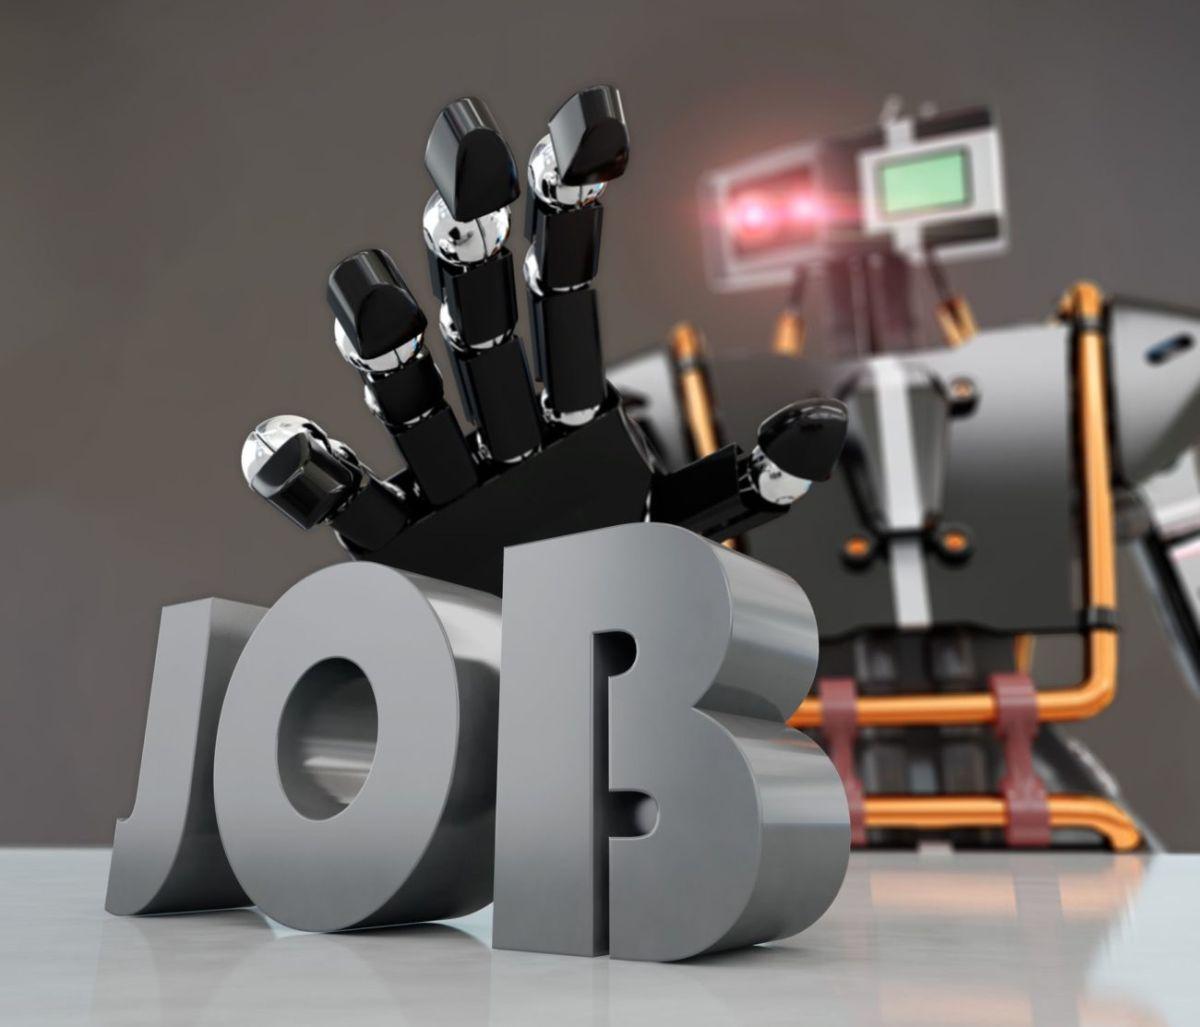 Gehen durch die Digitalisierung wirklich Millionen von Jobs verloren? Bild: © istock.com / Waxwaxwax